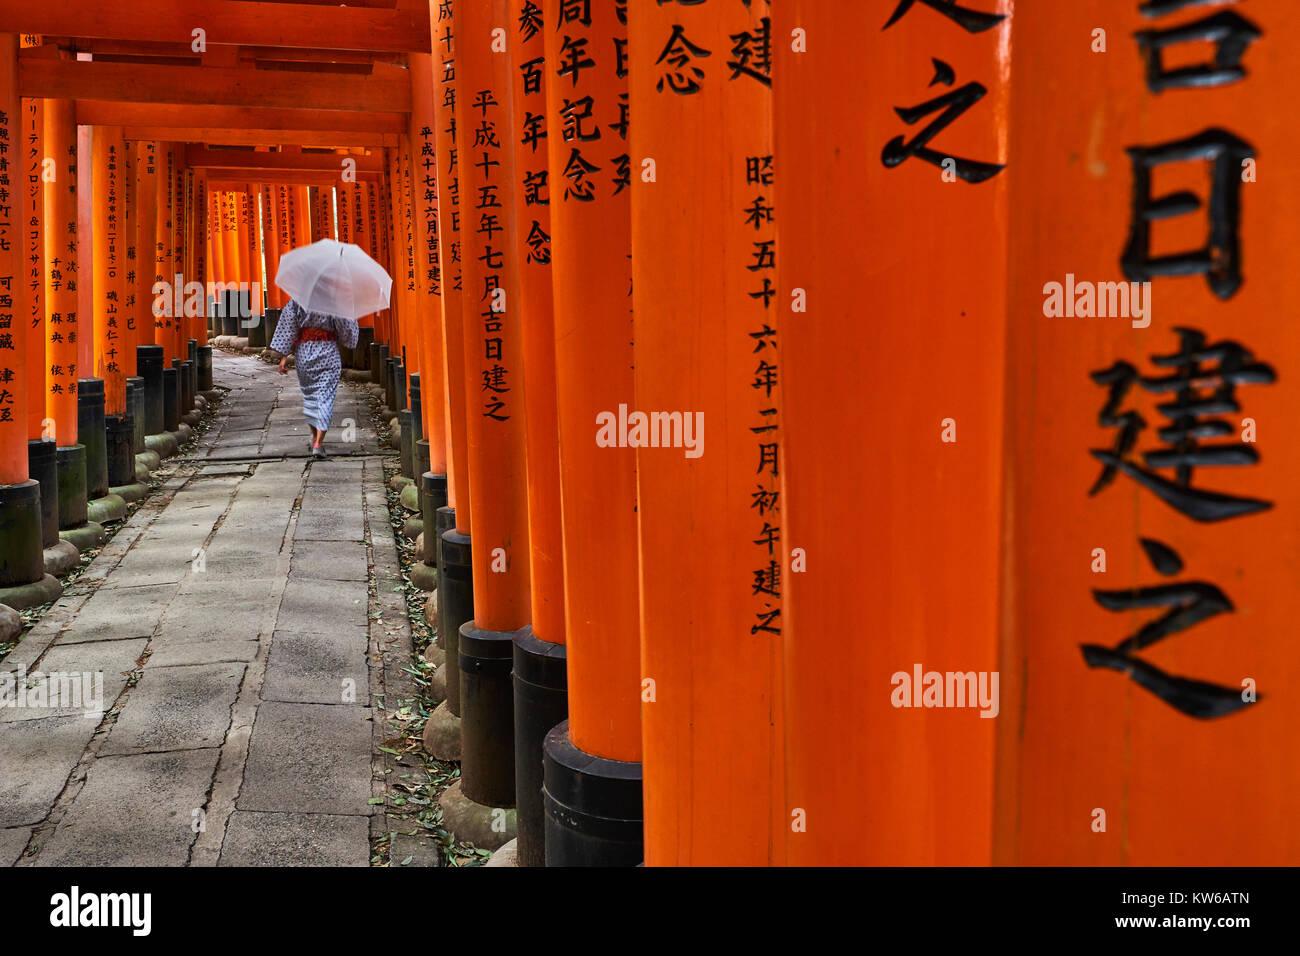 Japón, la isla de Honshu, la región de Kansai, Kyoto, Arashiyama, Fushimi Inari-taisha Templo sintoísta Imagen De Stock